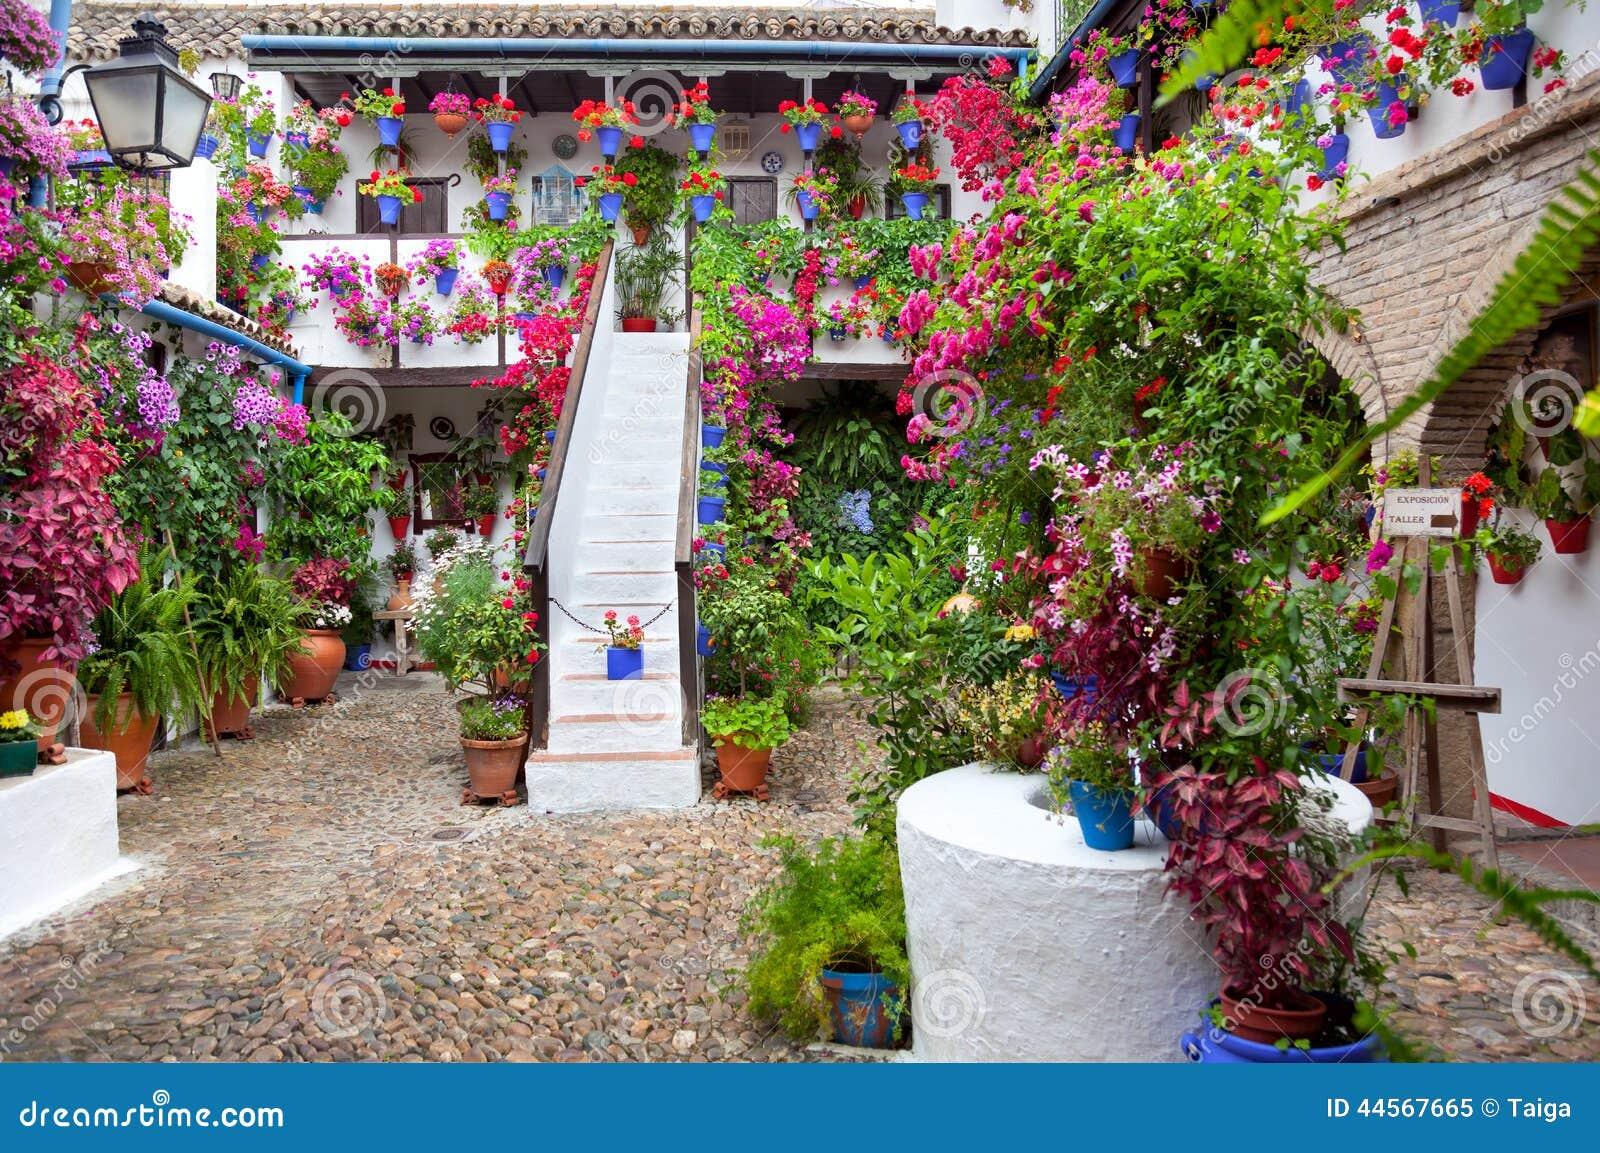 Flores en maceta en las paredes en las calles de cordobf espa a imagen editorial imagen 44567665 - Macetas en la pared ...